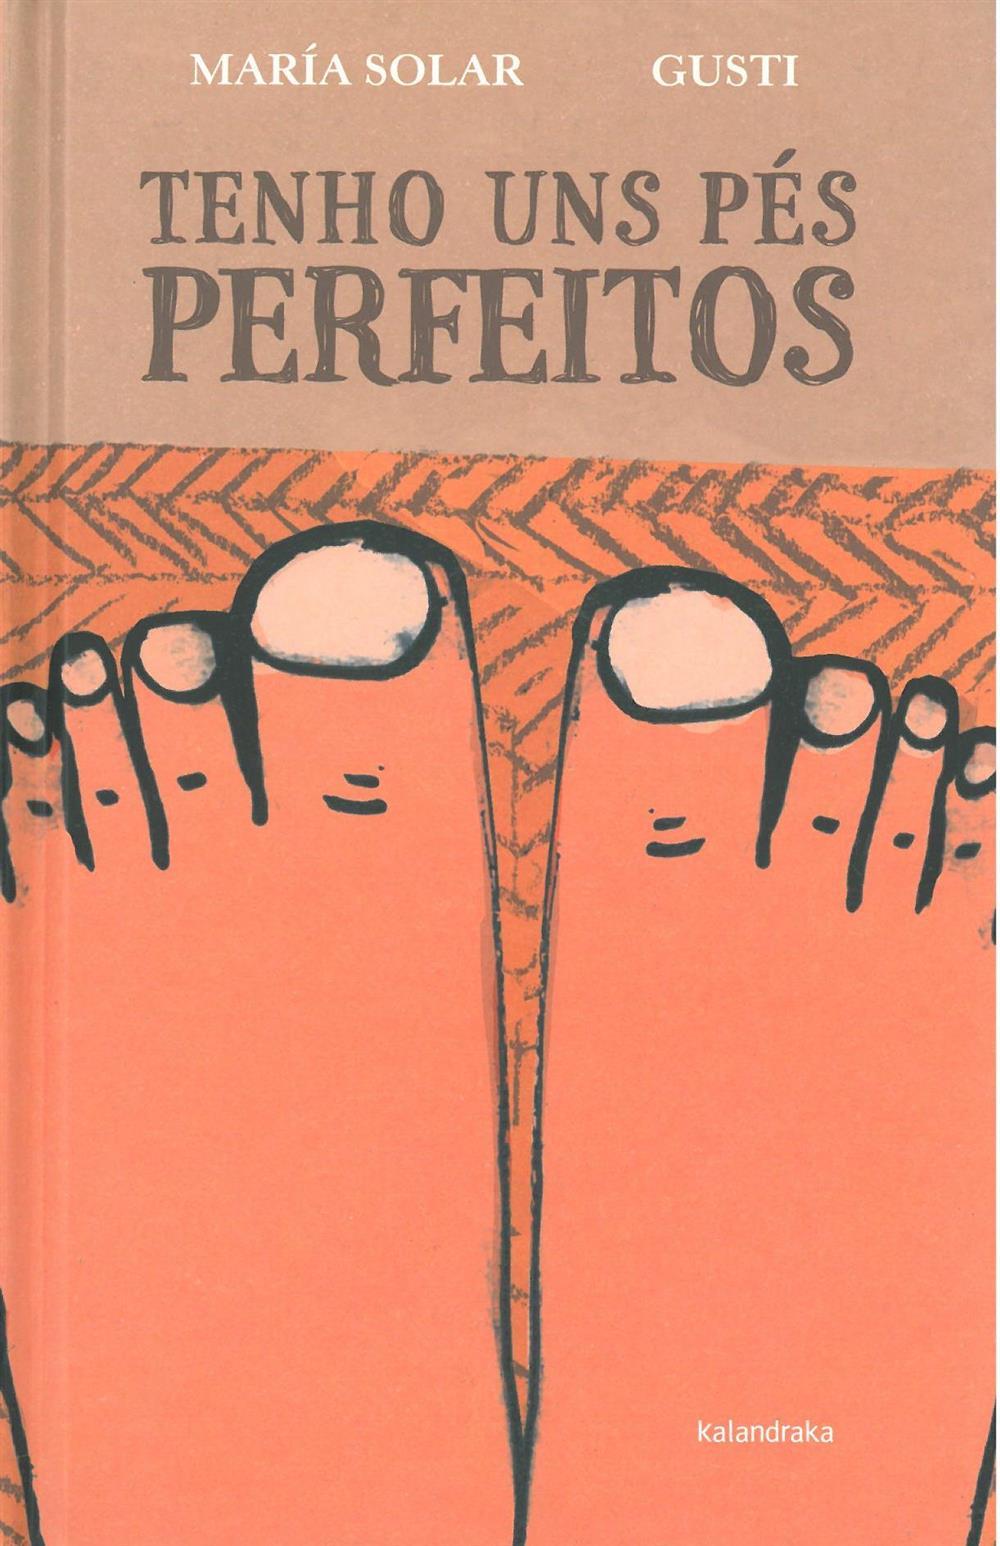 Tenho uns pés perfeitos_.jpg